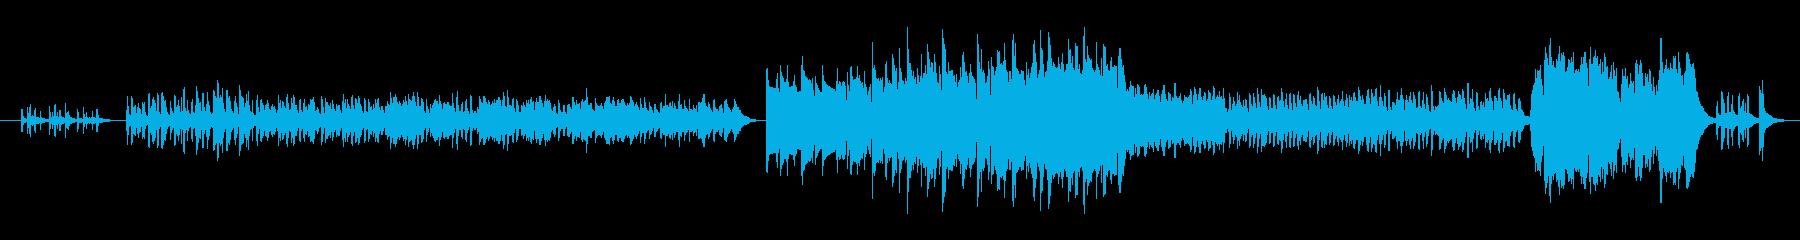 可愛い子供をテーマにした楽曲で、五拍子…の再生済みの波形